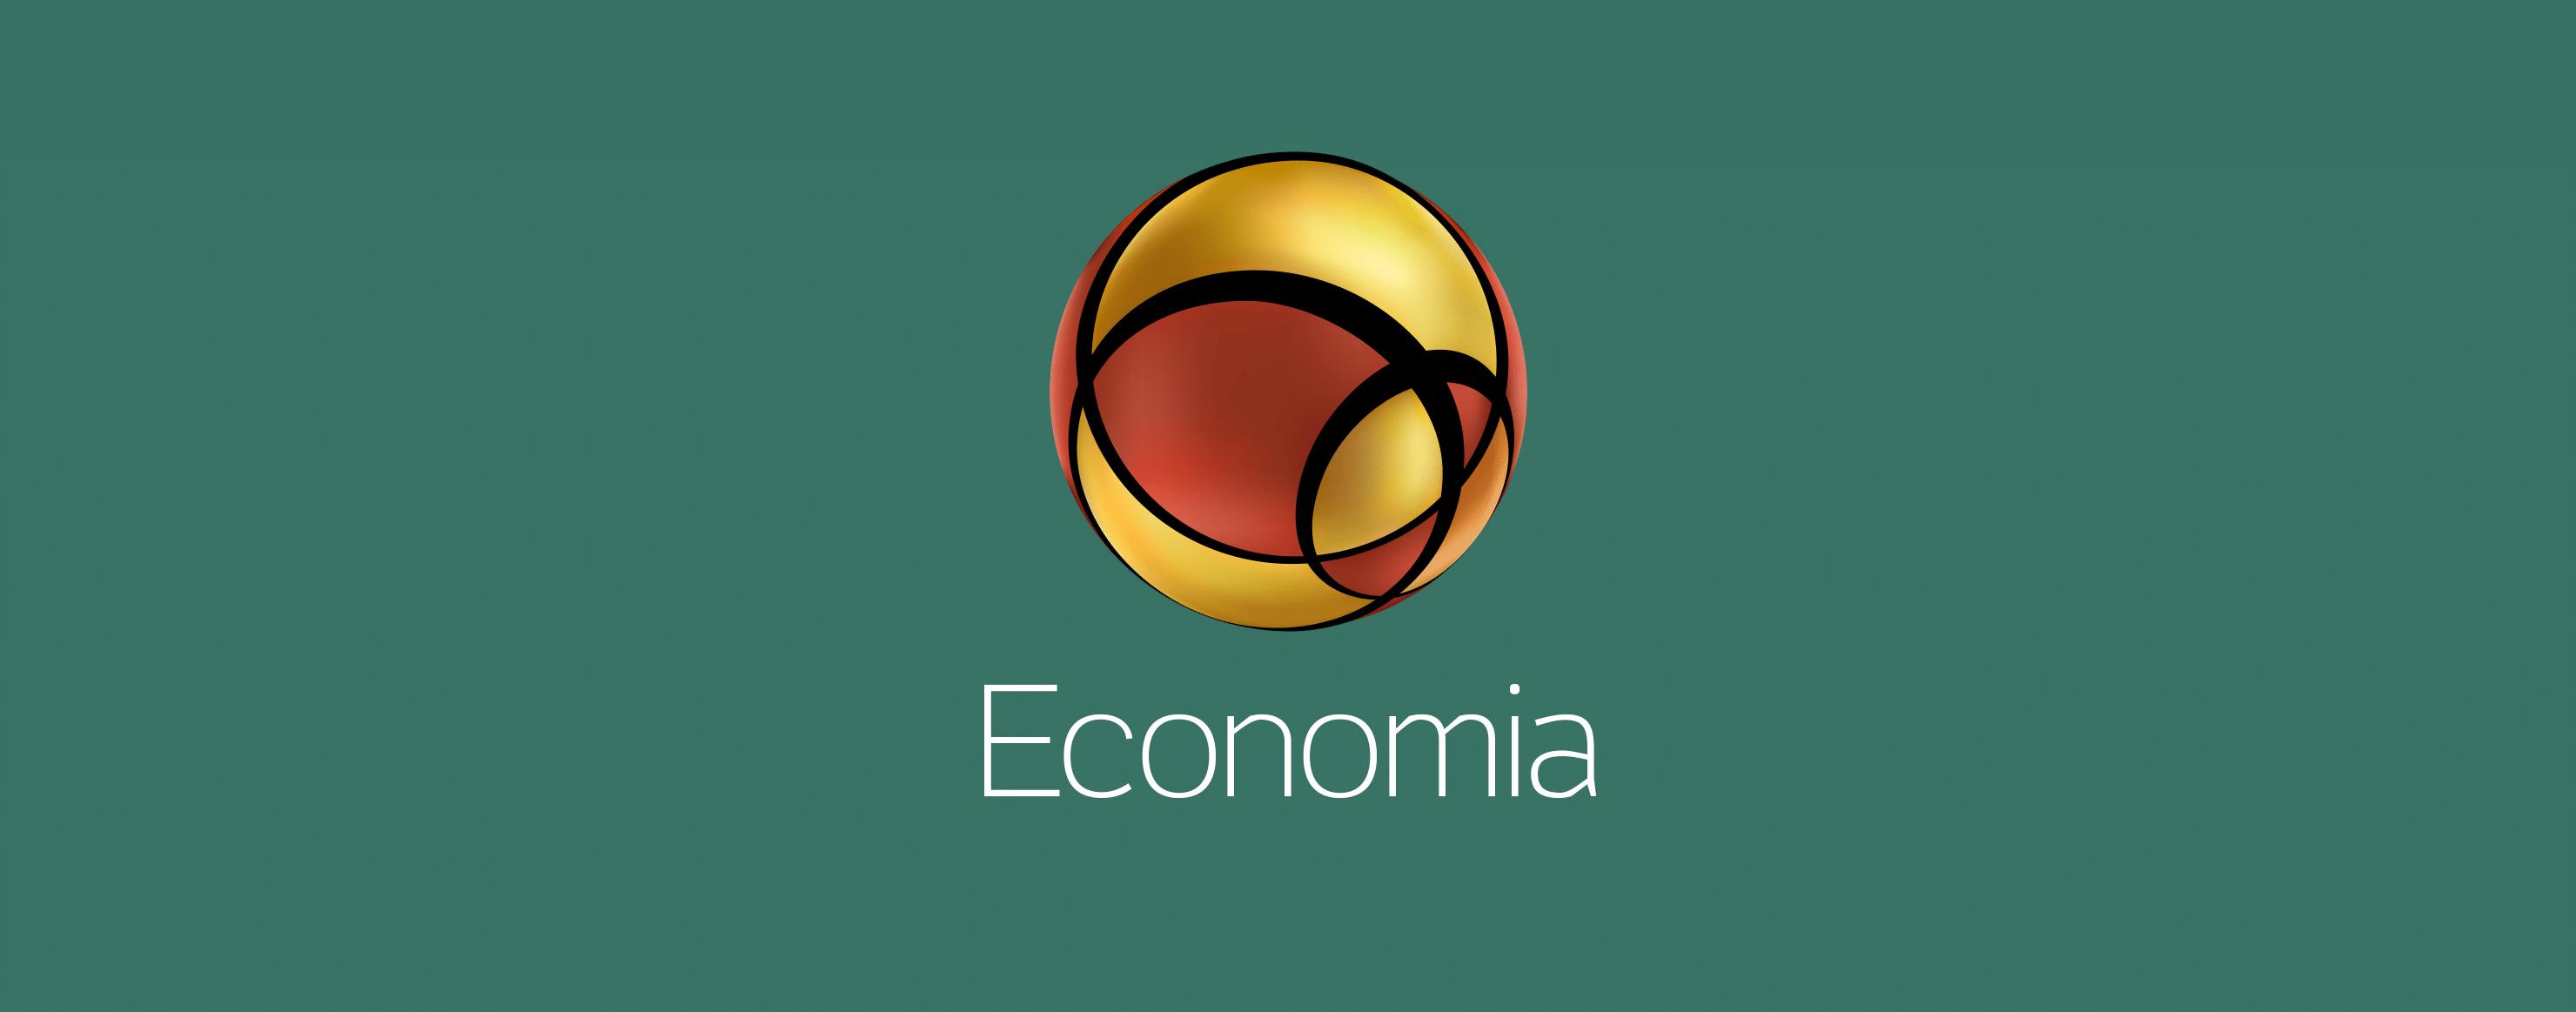 237ff9fda3 Nike decide enfrentar reações e contrata Colin Kaepernick - 04 09 2018 -  UOL Economia